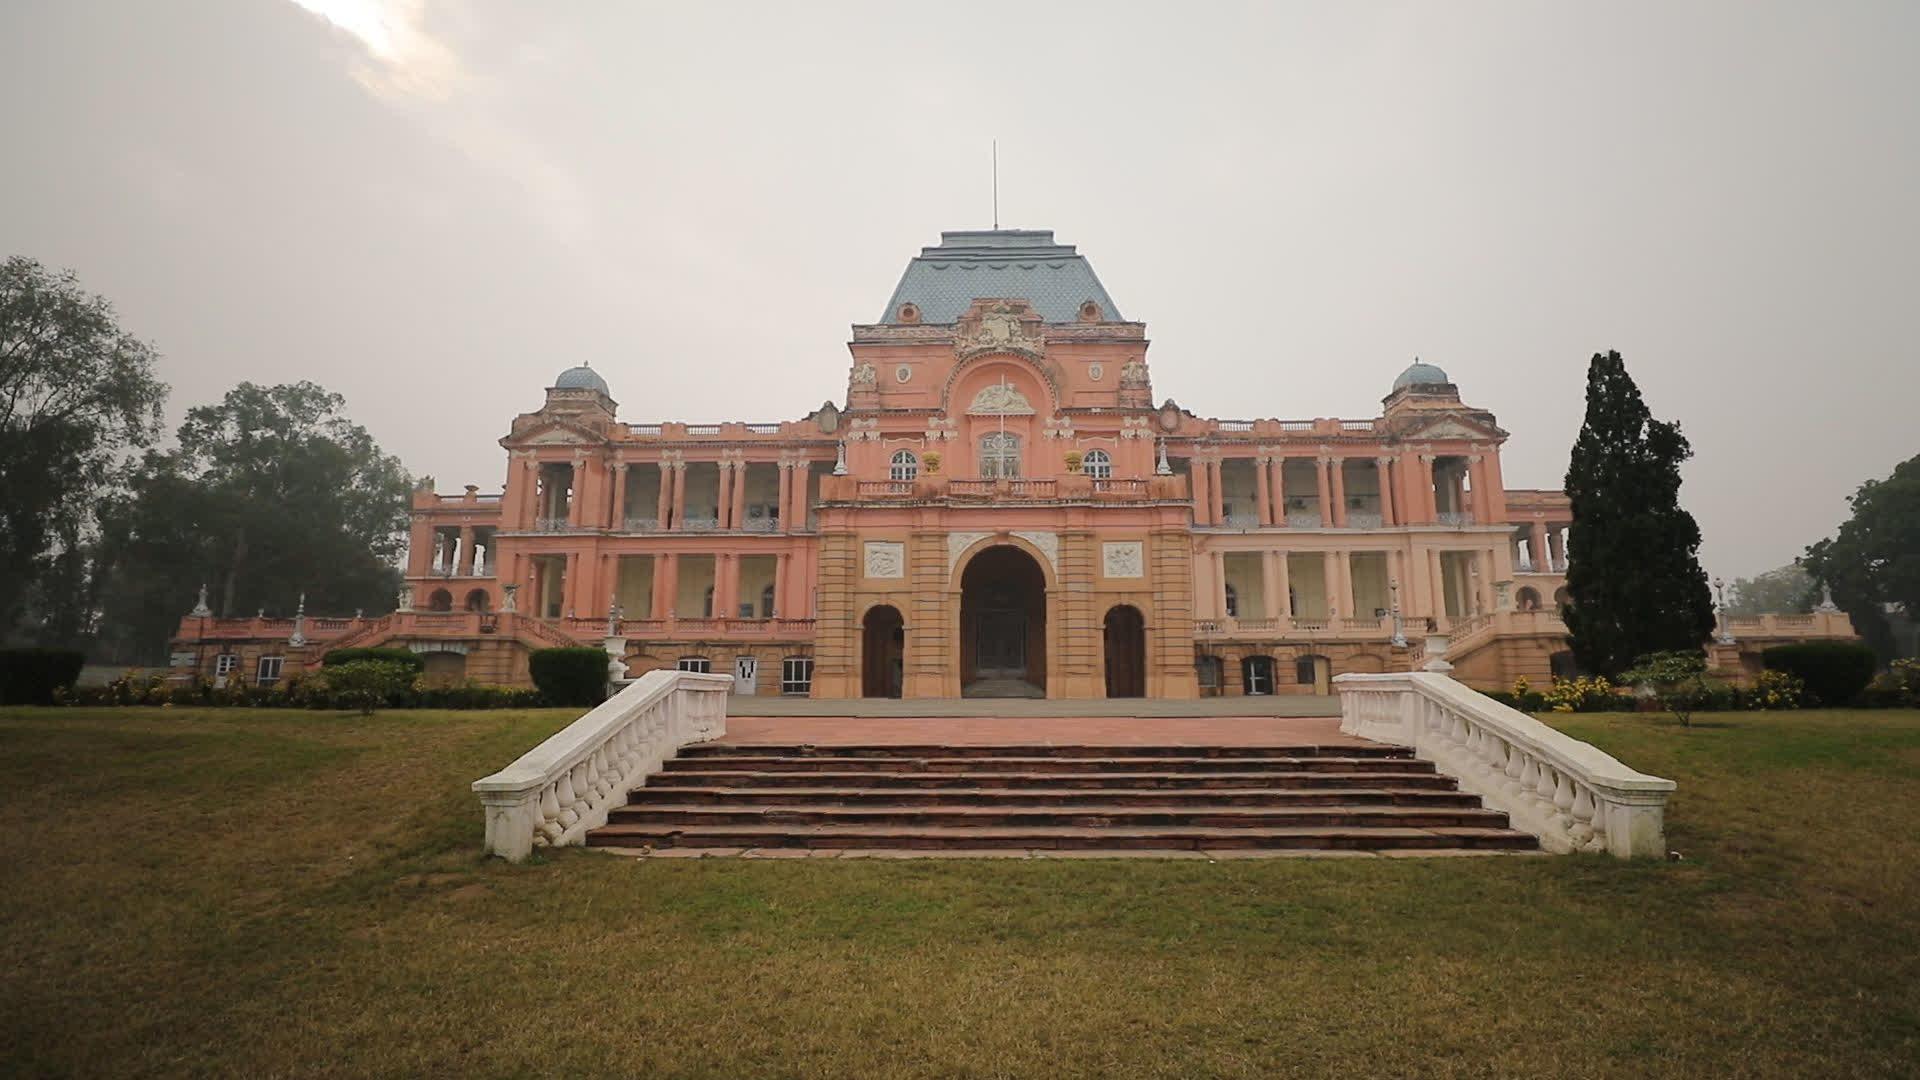 Kapurthala's Royal Legacy